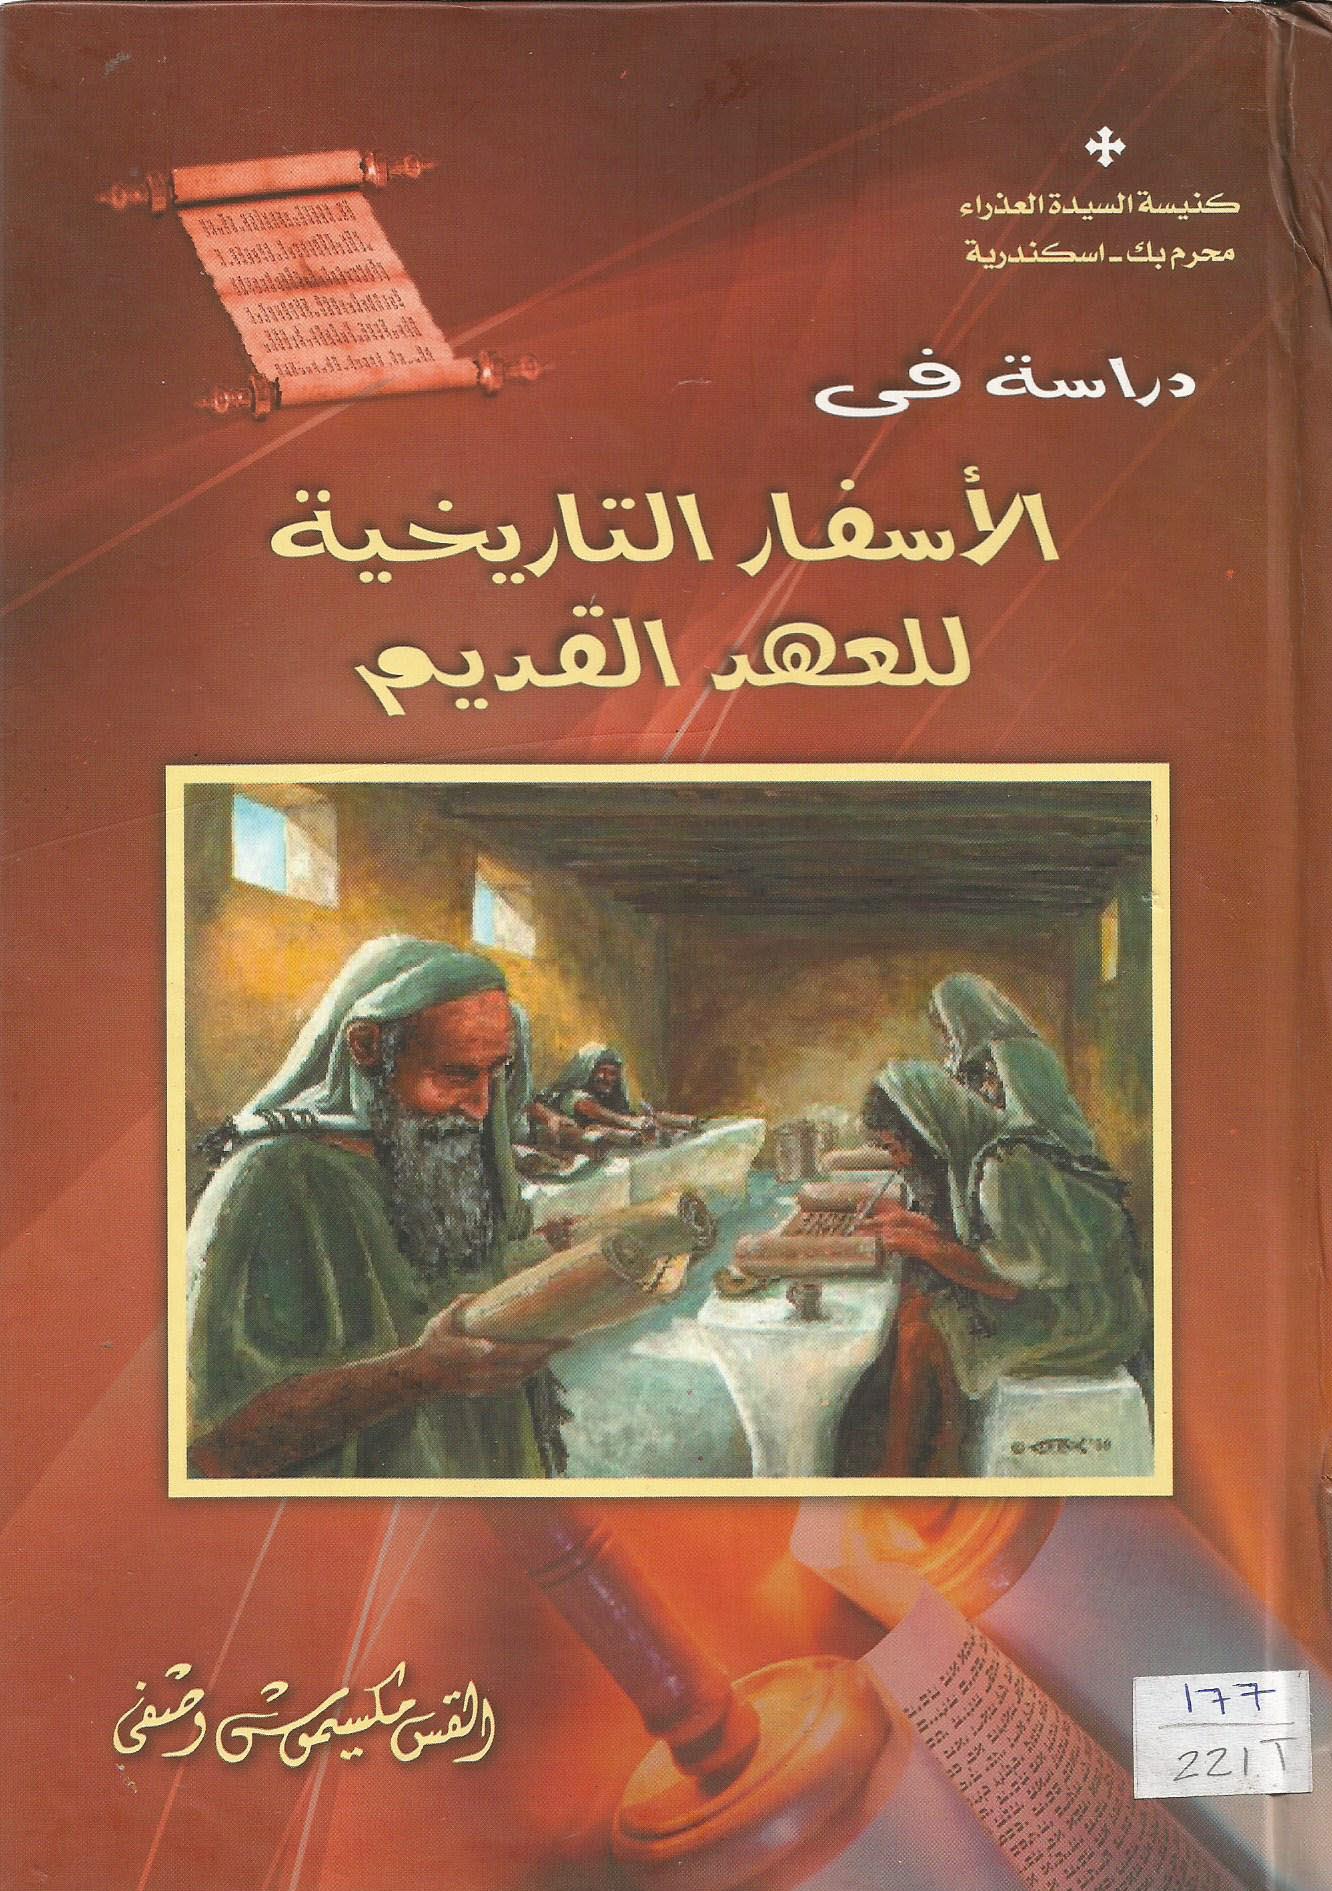 دراسة فى الاسفار التاريخية للعهد القديم